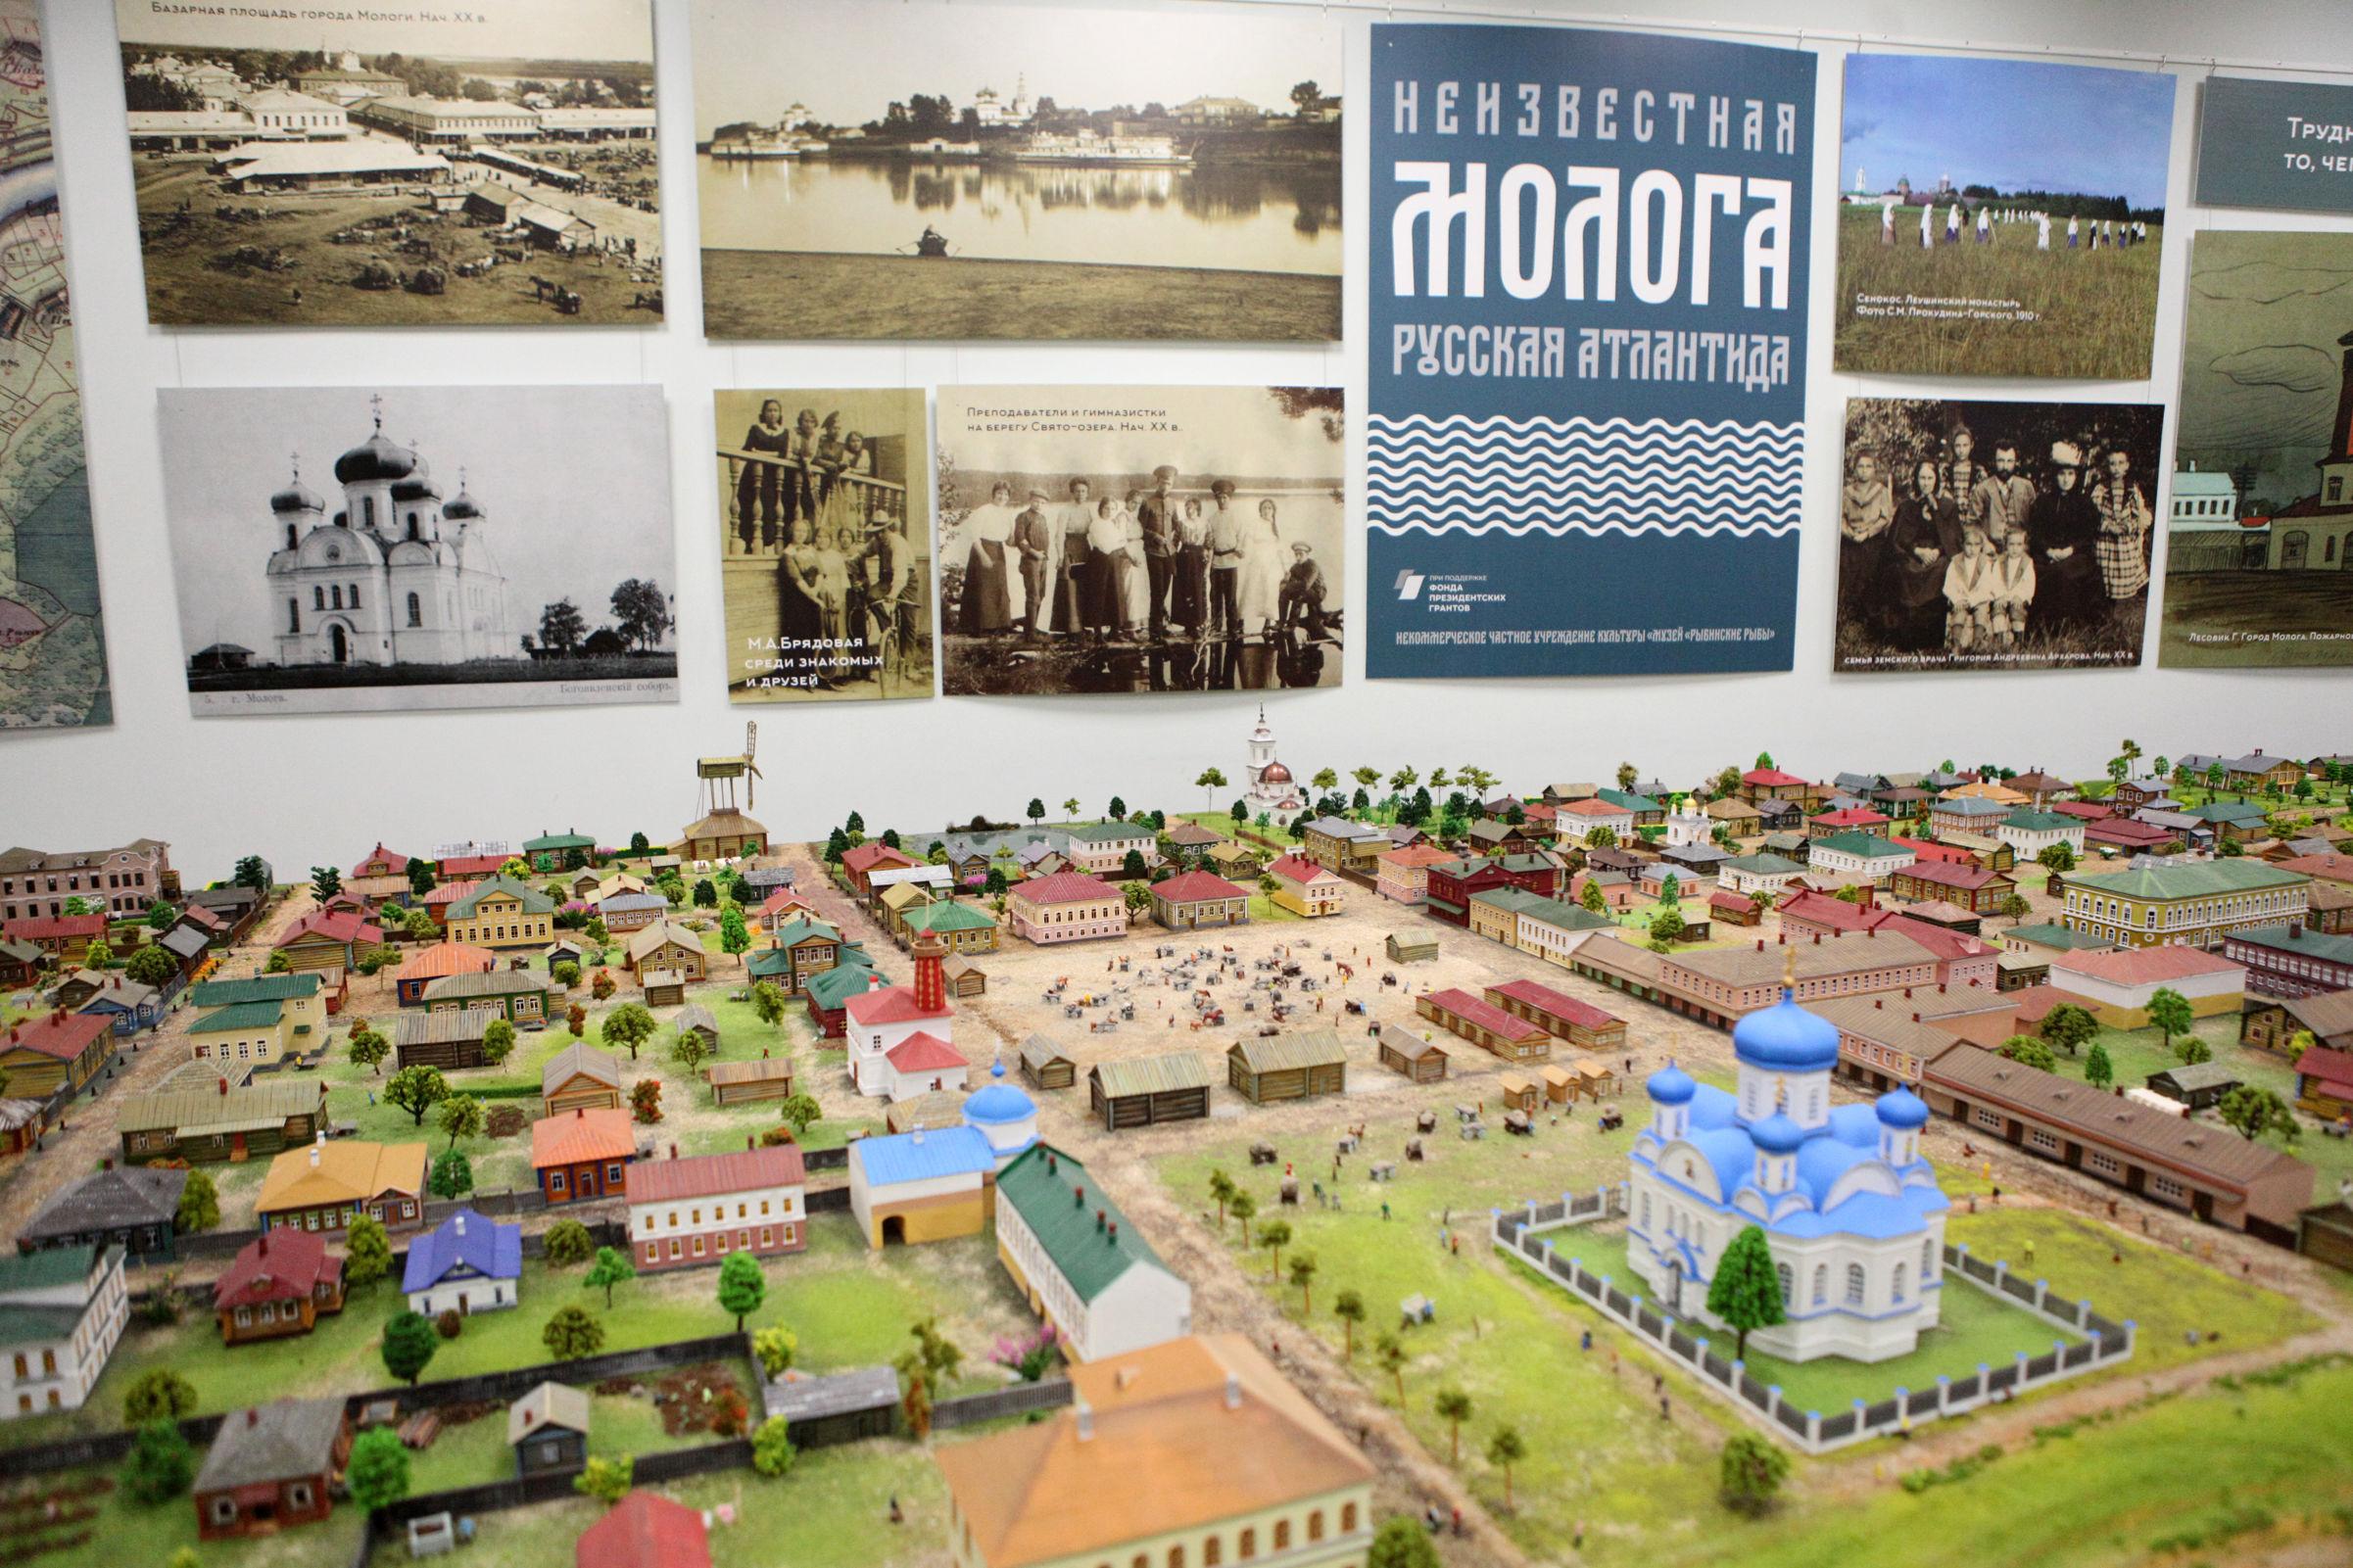 Авторские экскурсии и новые музеи ждут гостей Рыбинска этой осенью